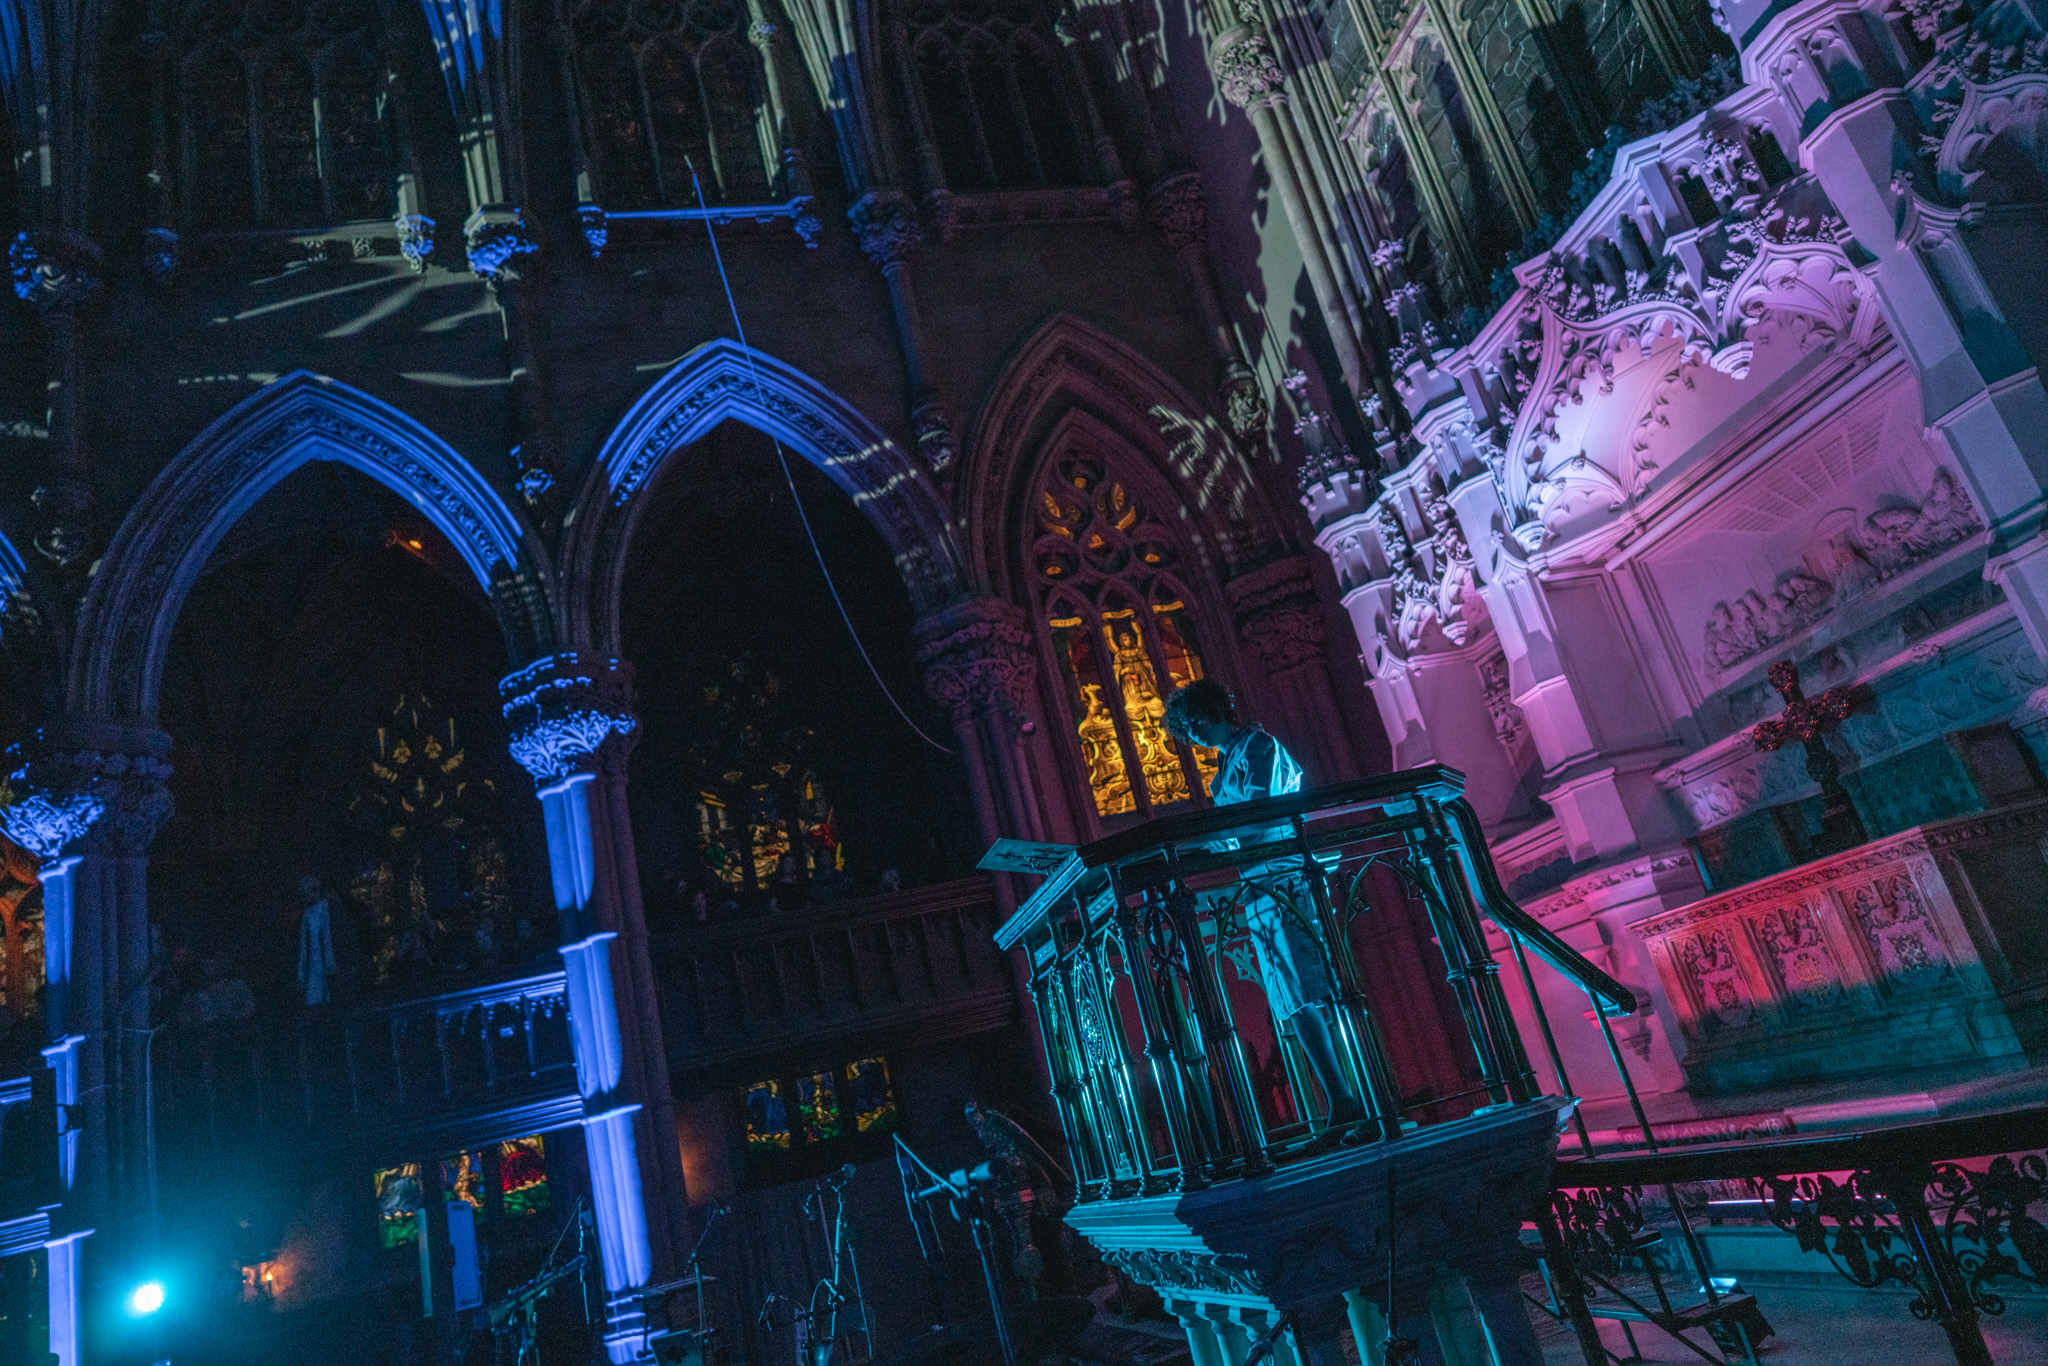 ambient_church_2018_15_12_ryan_krukowski-08642 (2).jpg